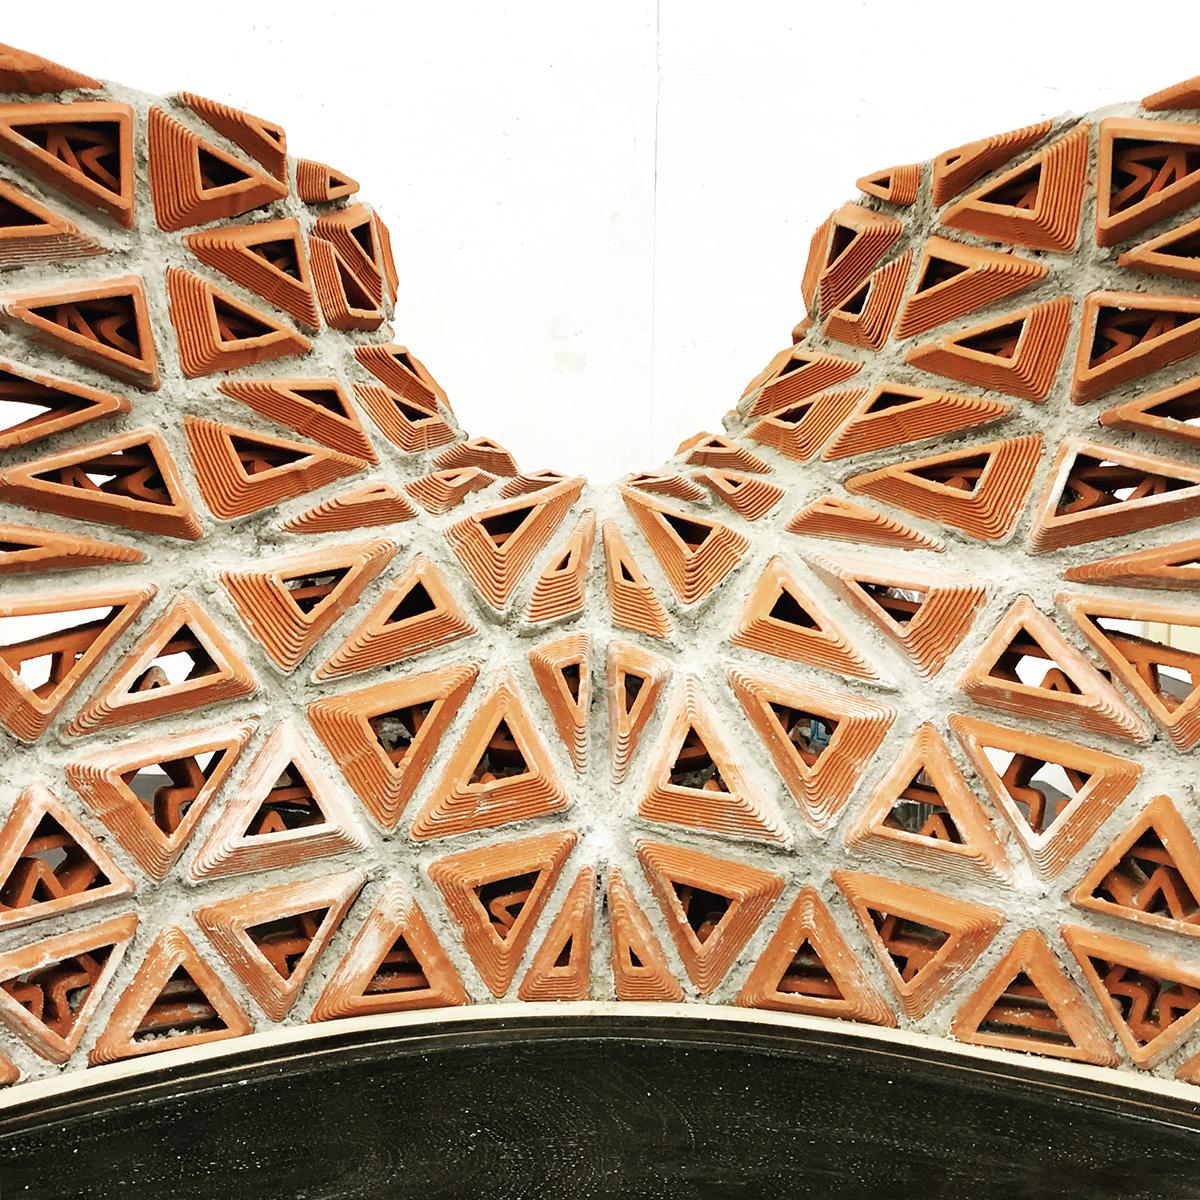 acoustic brick, 3d printed brick, 3d druck, ziegel, Christian J Lange J